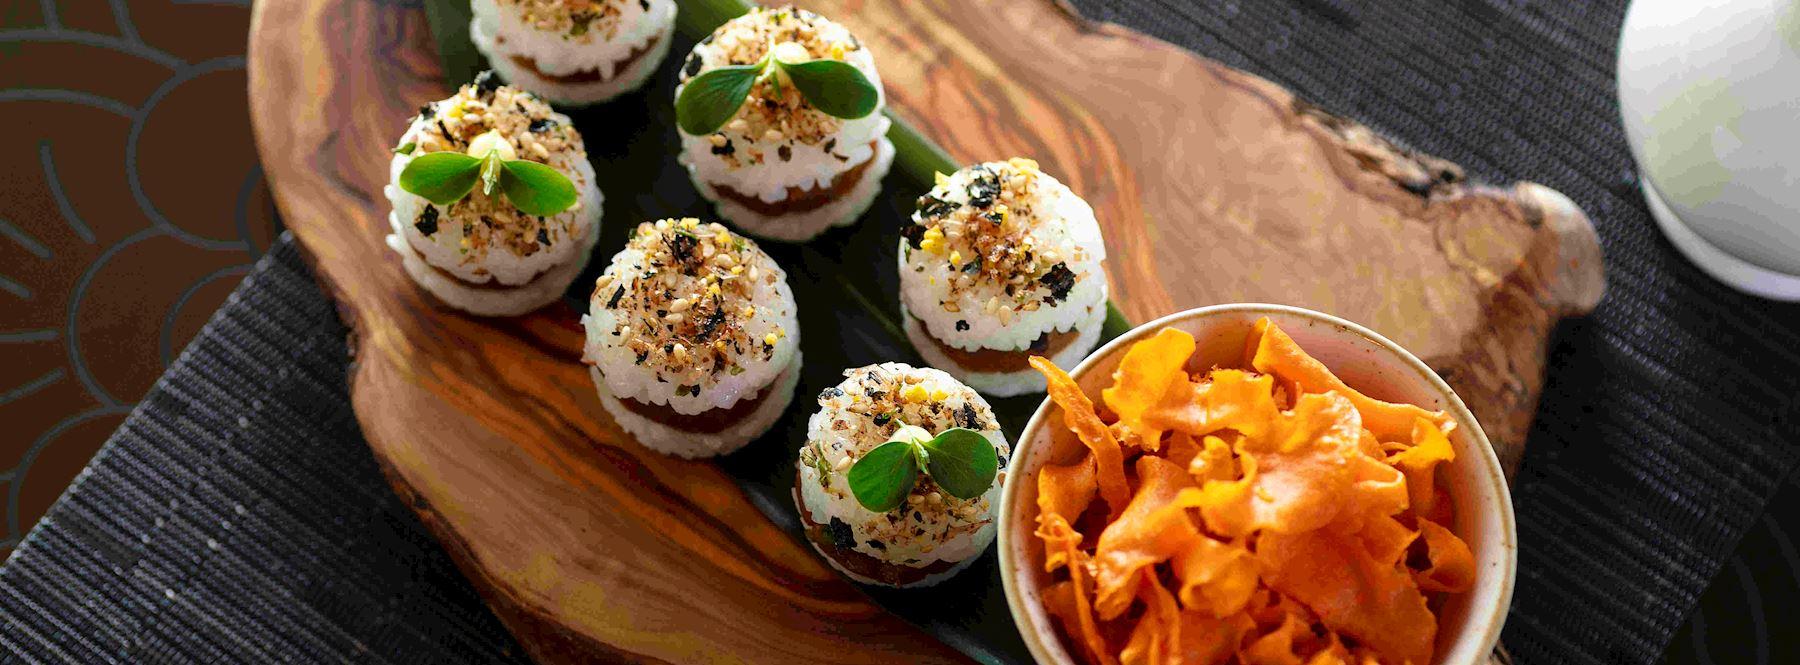 Siddharta Lounge food